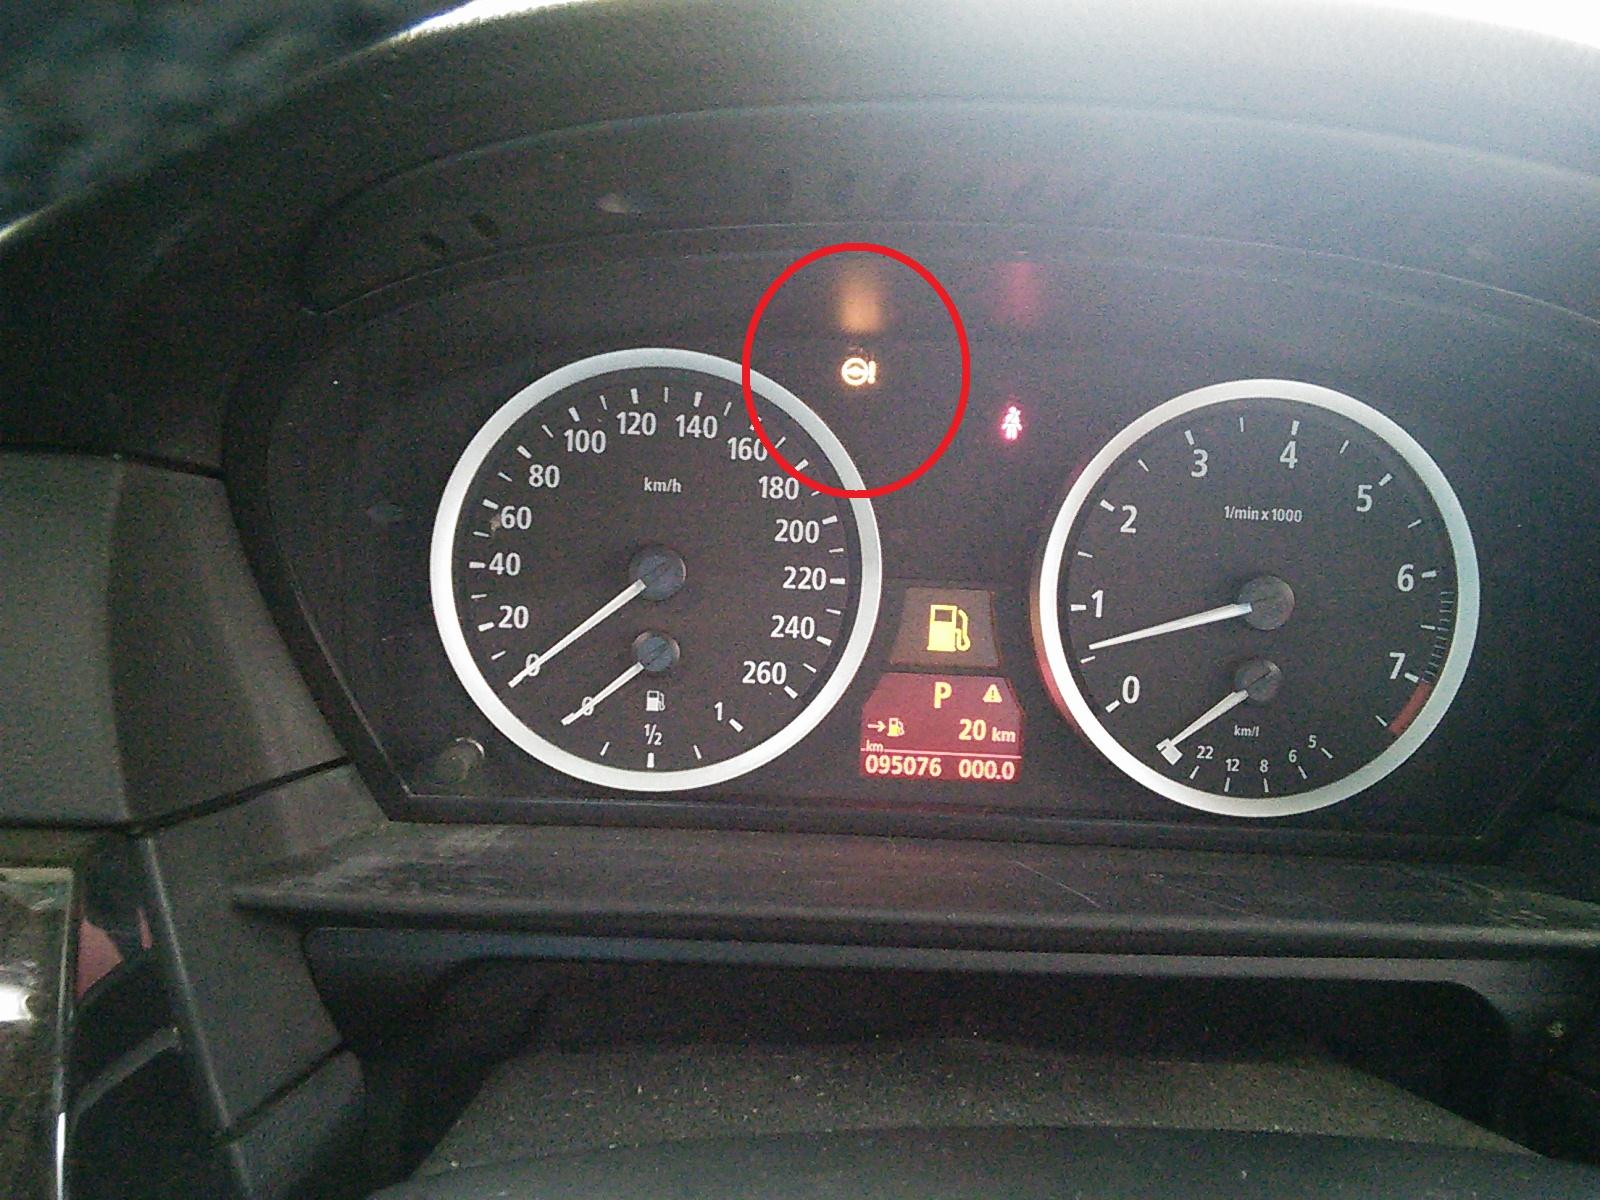 BMW 525 E61 アクティブステアリング異常 中古ユニット交換 AUTELマキシス すごいです